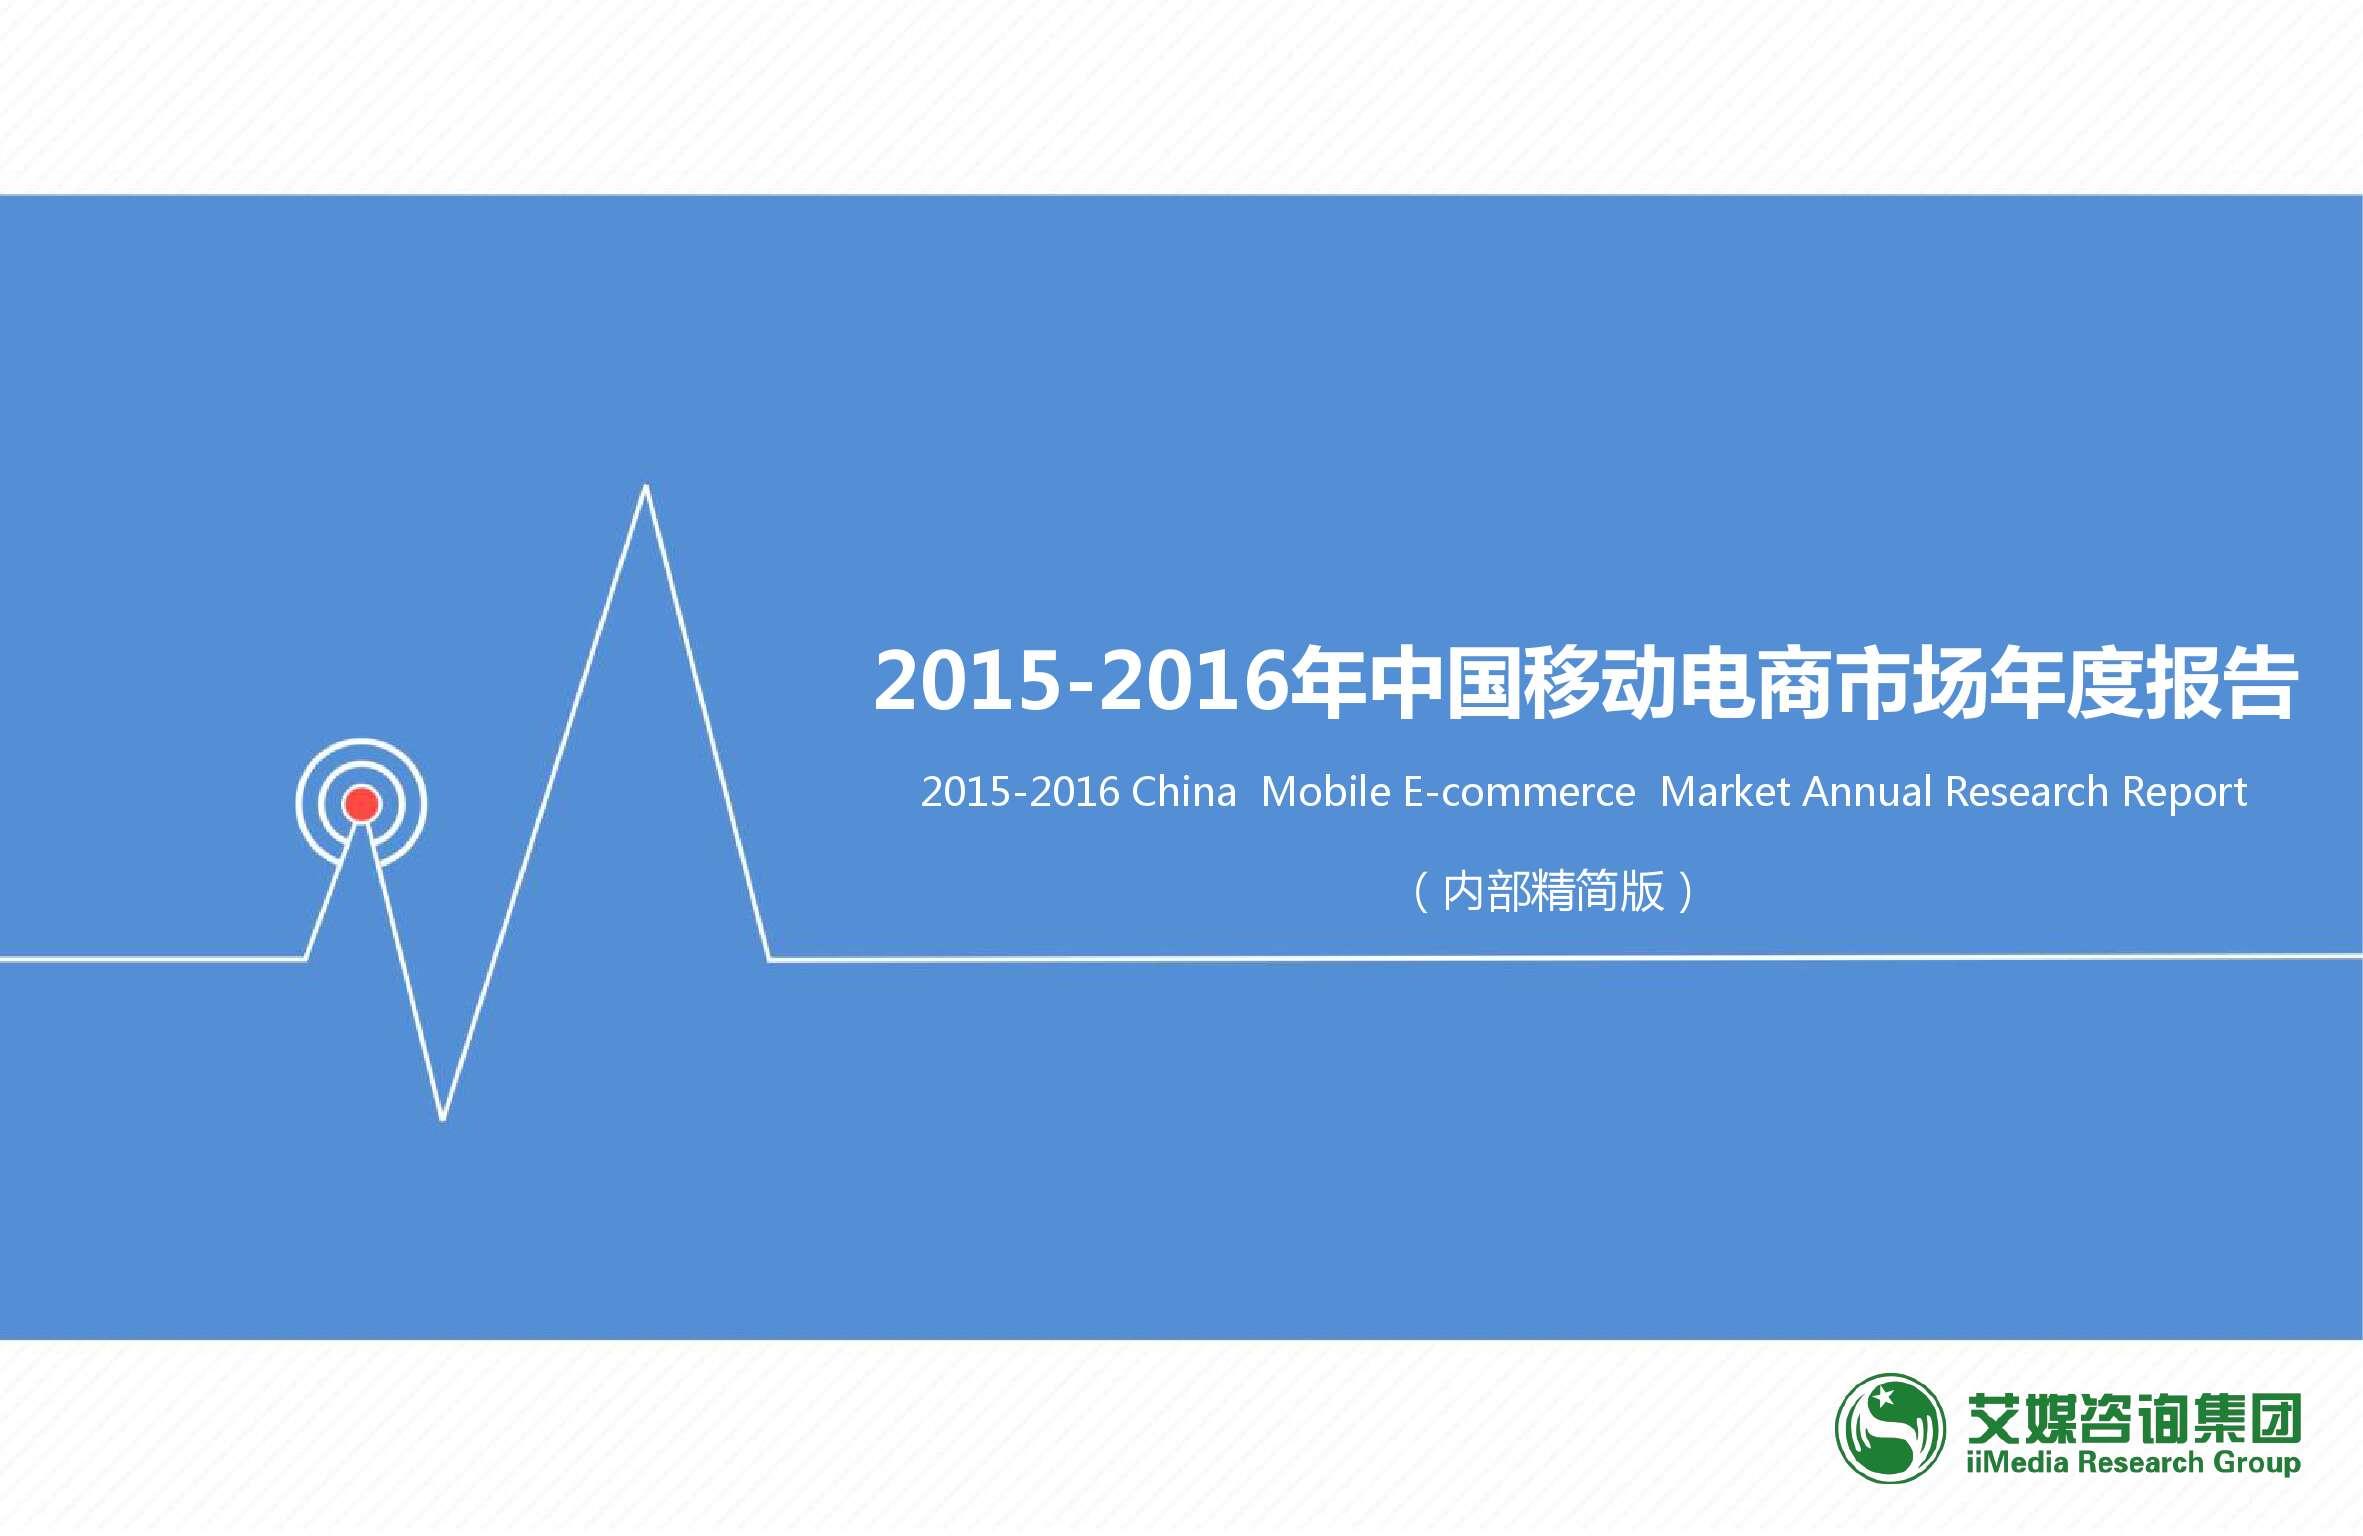 2015-2016中国移动电商市场年度报告_000001